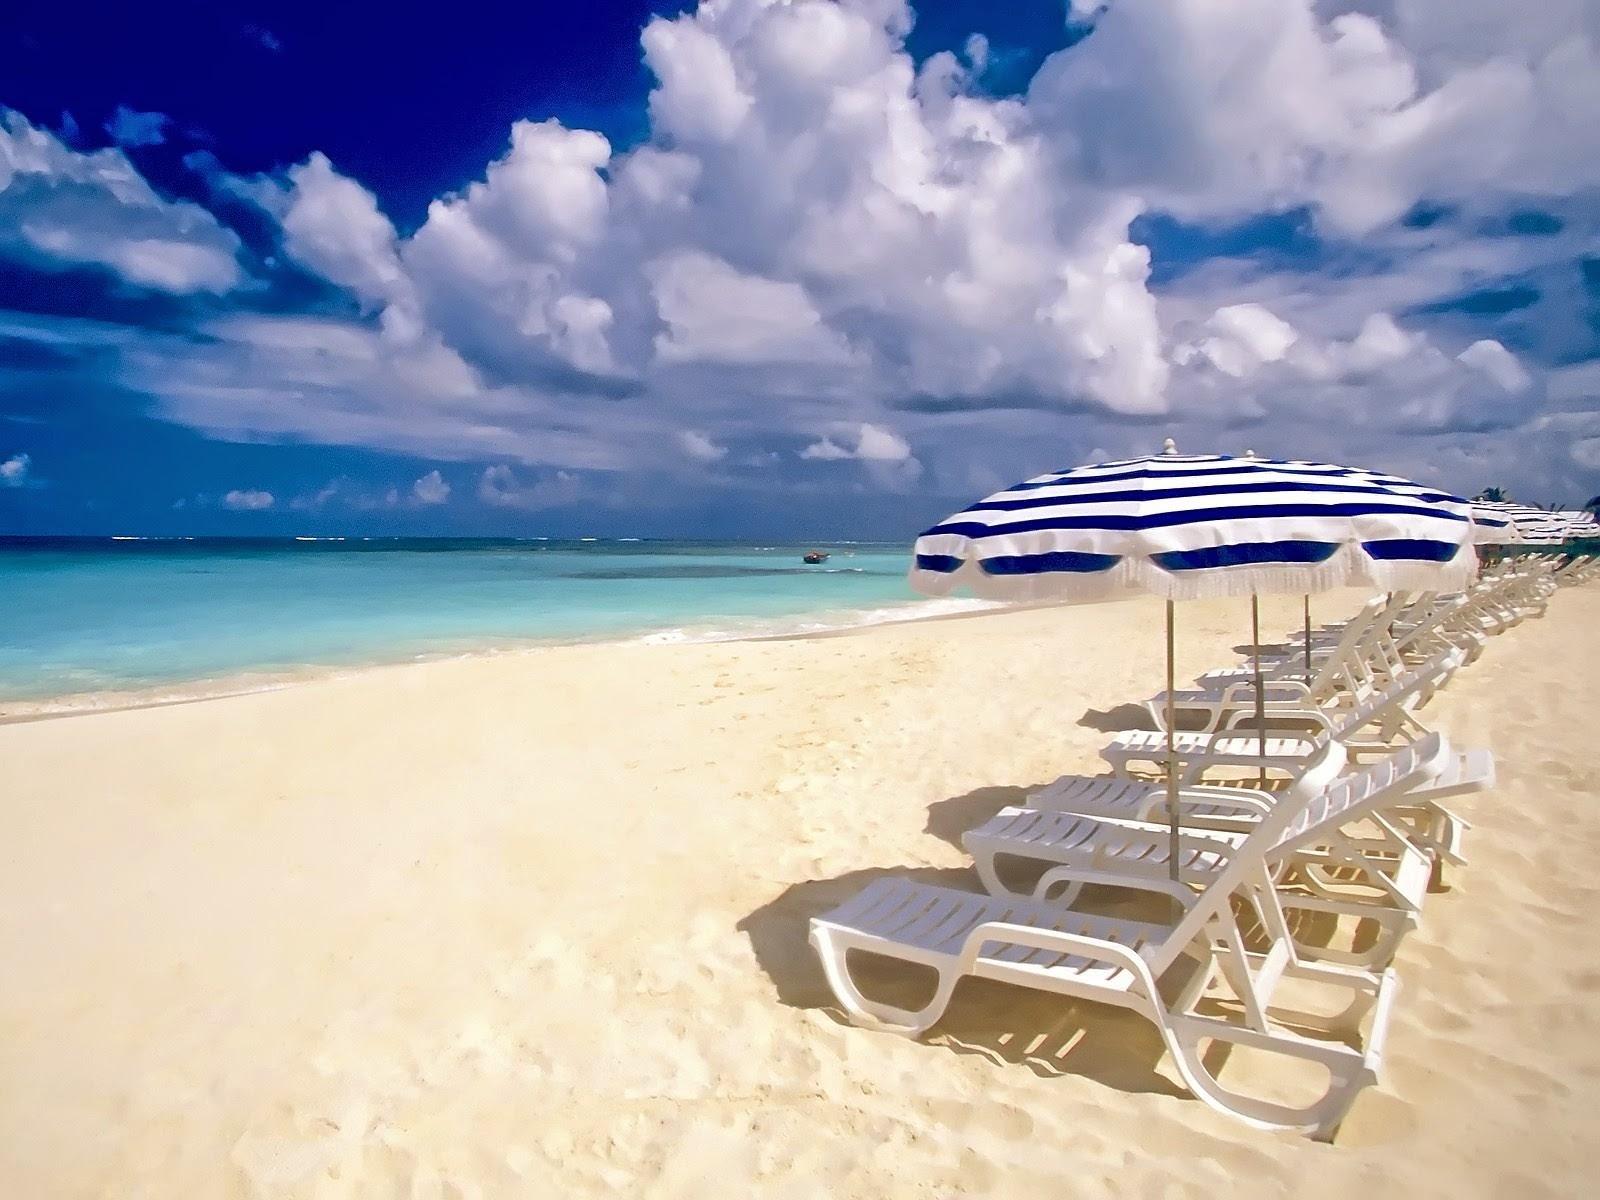 Summer-beach Chair Wallpapers HD